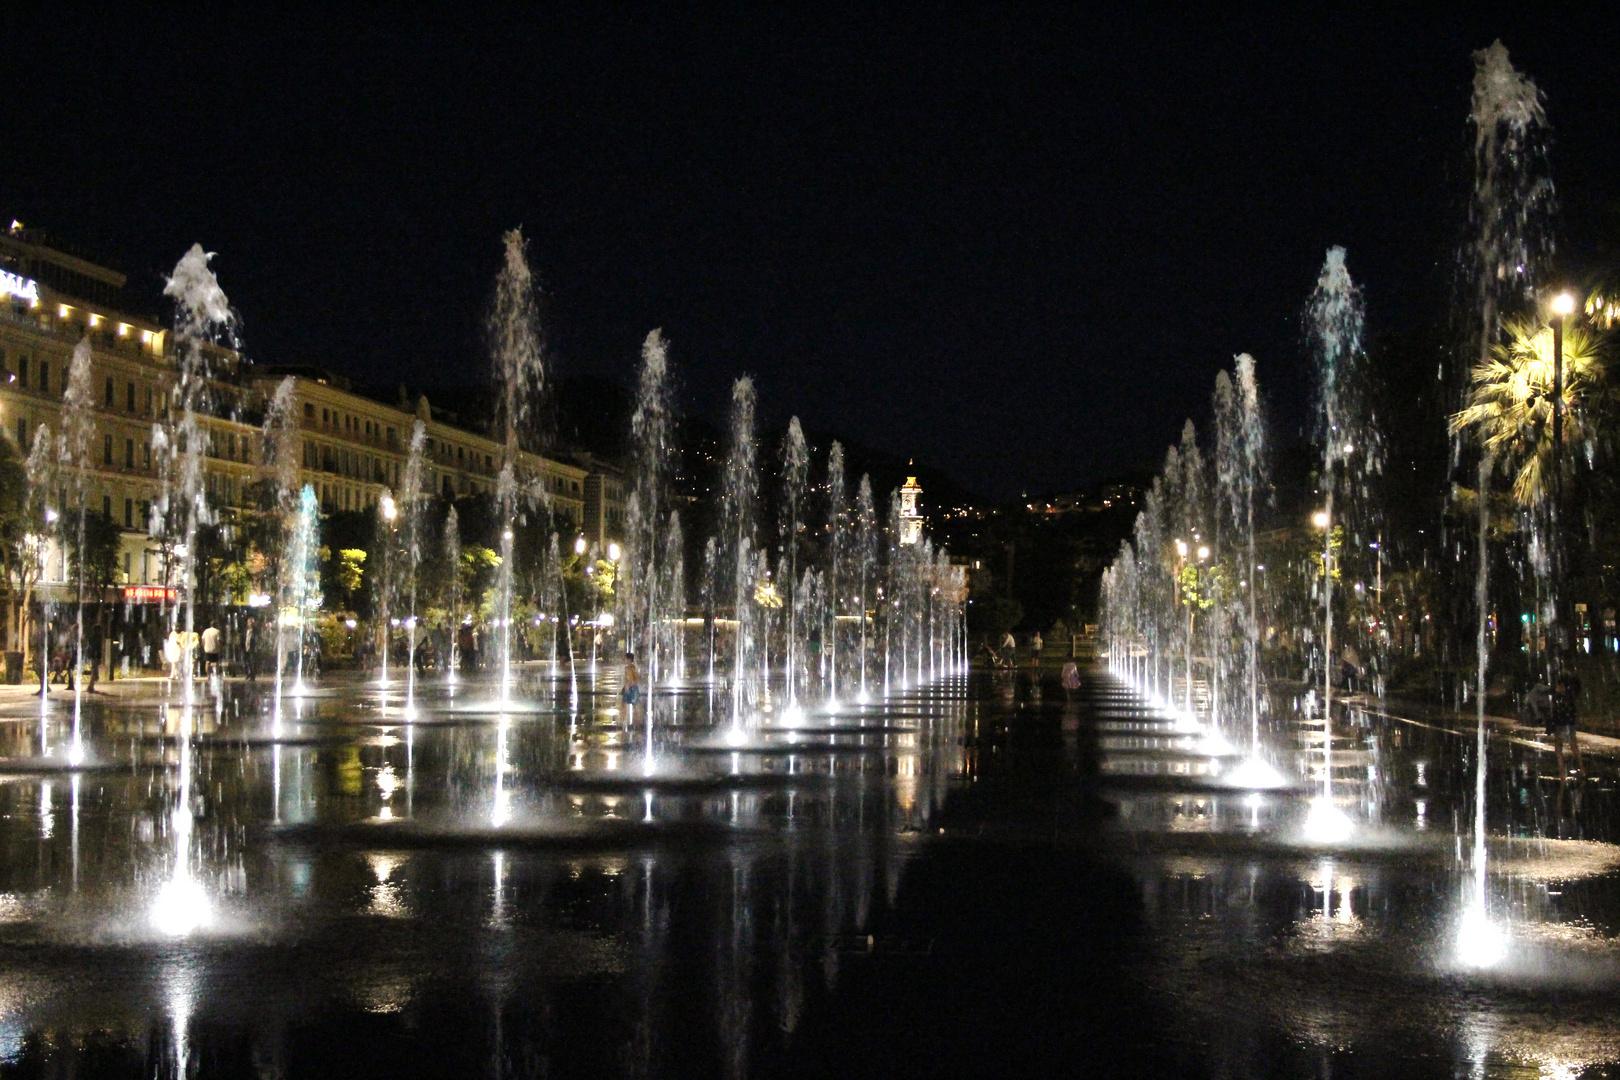 Place Masséna by night